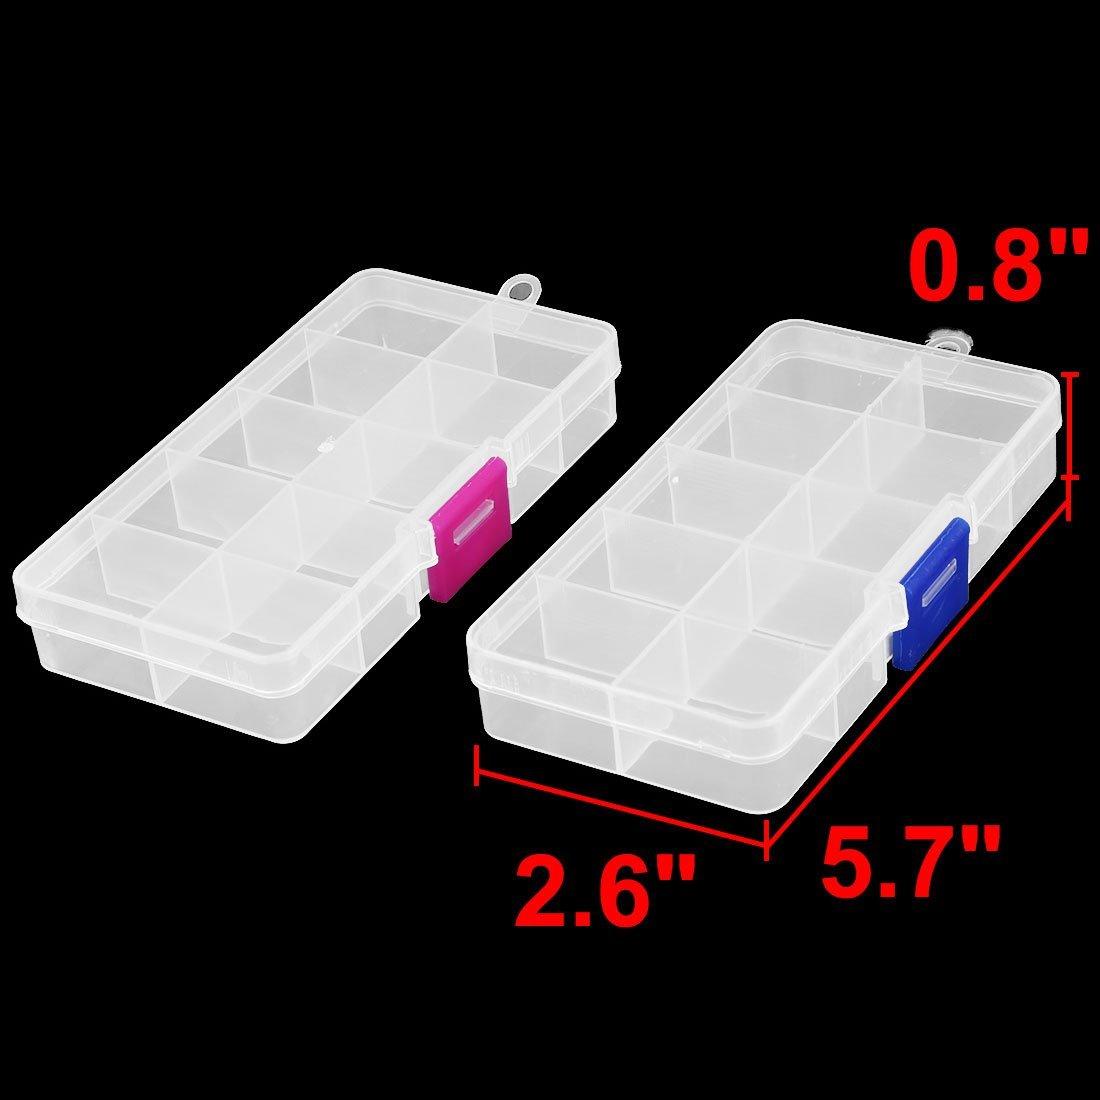 Amazon.com: eDealMax plástico Inicio del rectángulo 10 compartimentos granos de la joyería del clavo de la caja de almacenaje 2pcs: Home & Kitchen